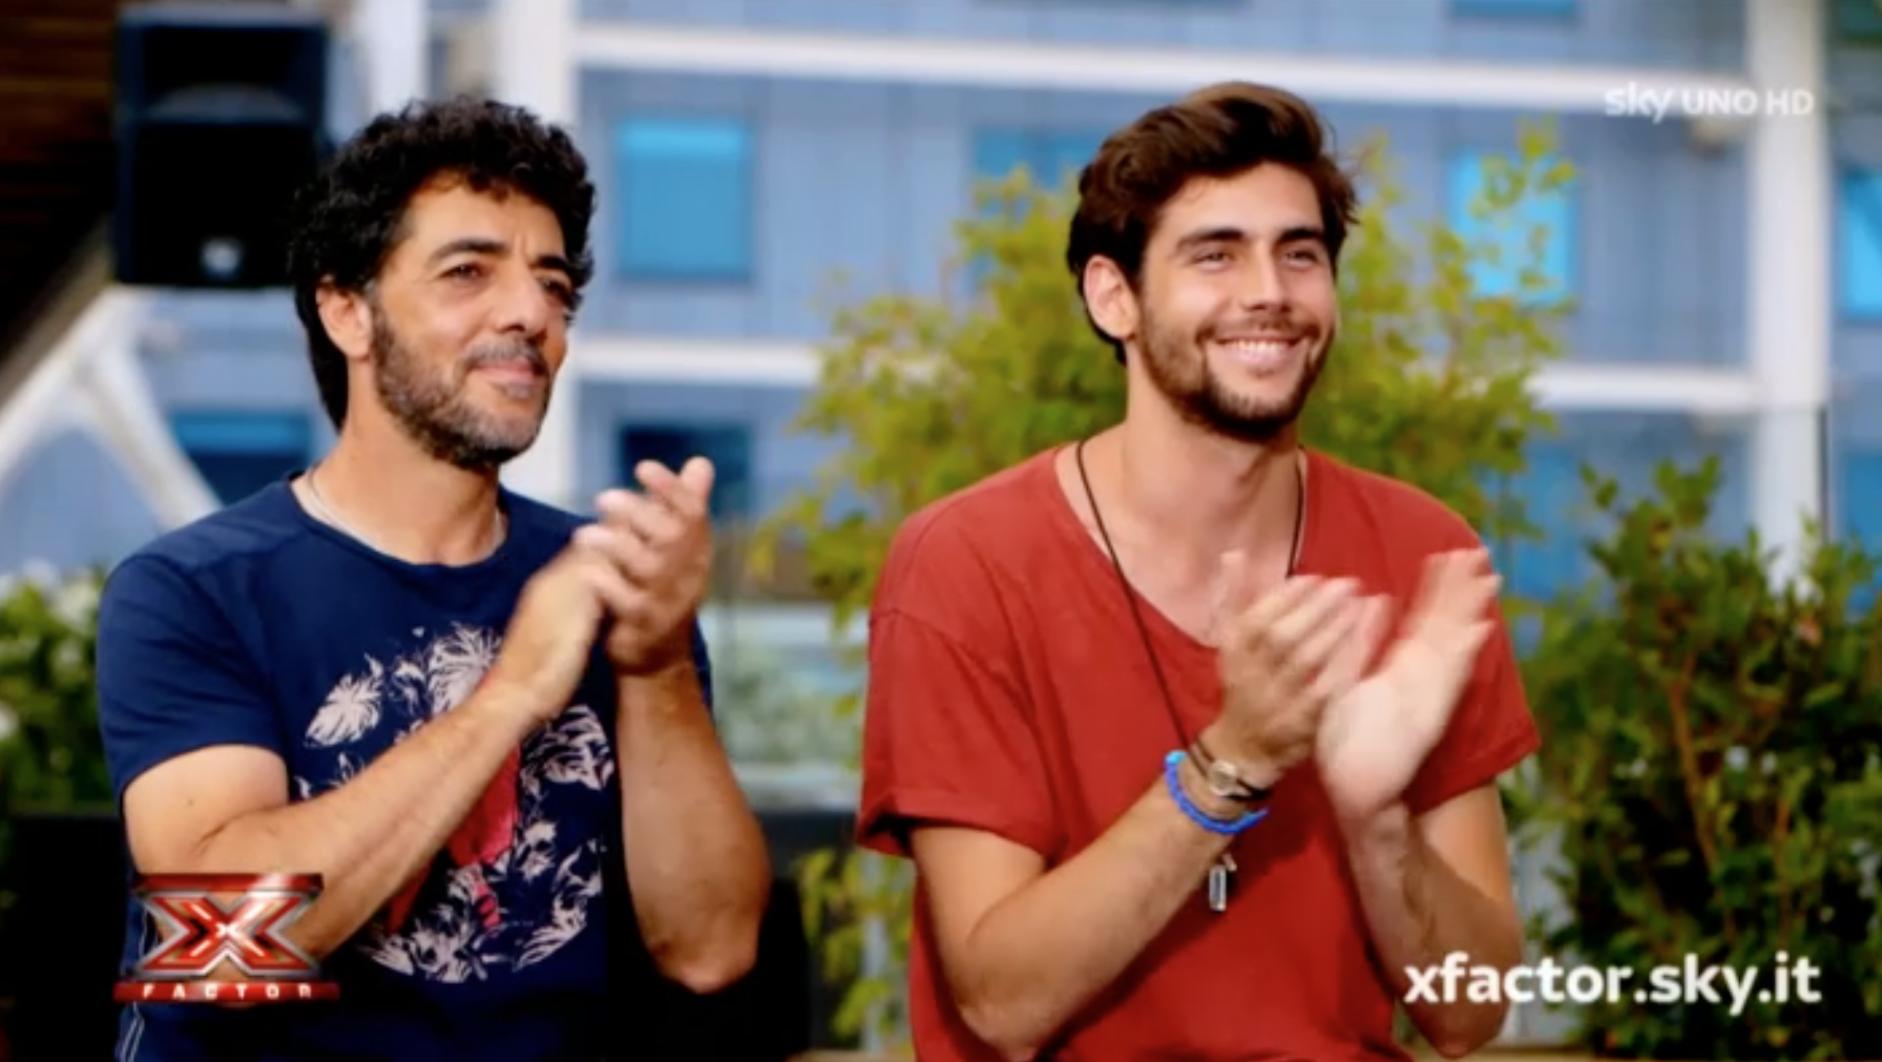 X Factor 10, il Live: i nomi dei 'Fantastici 12'